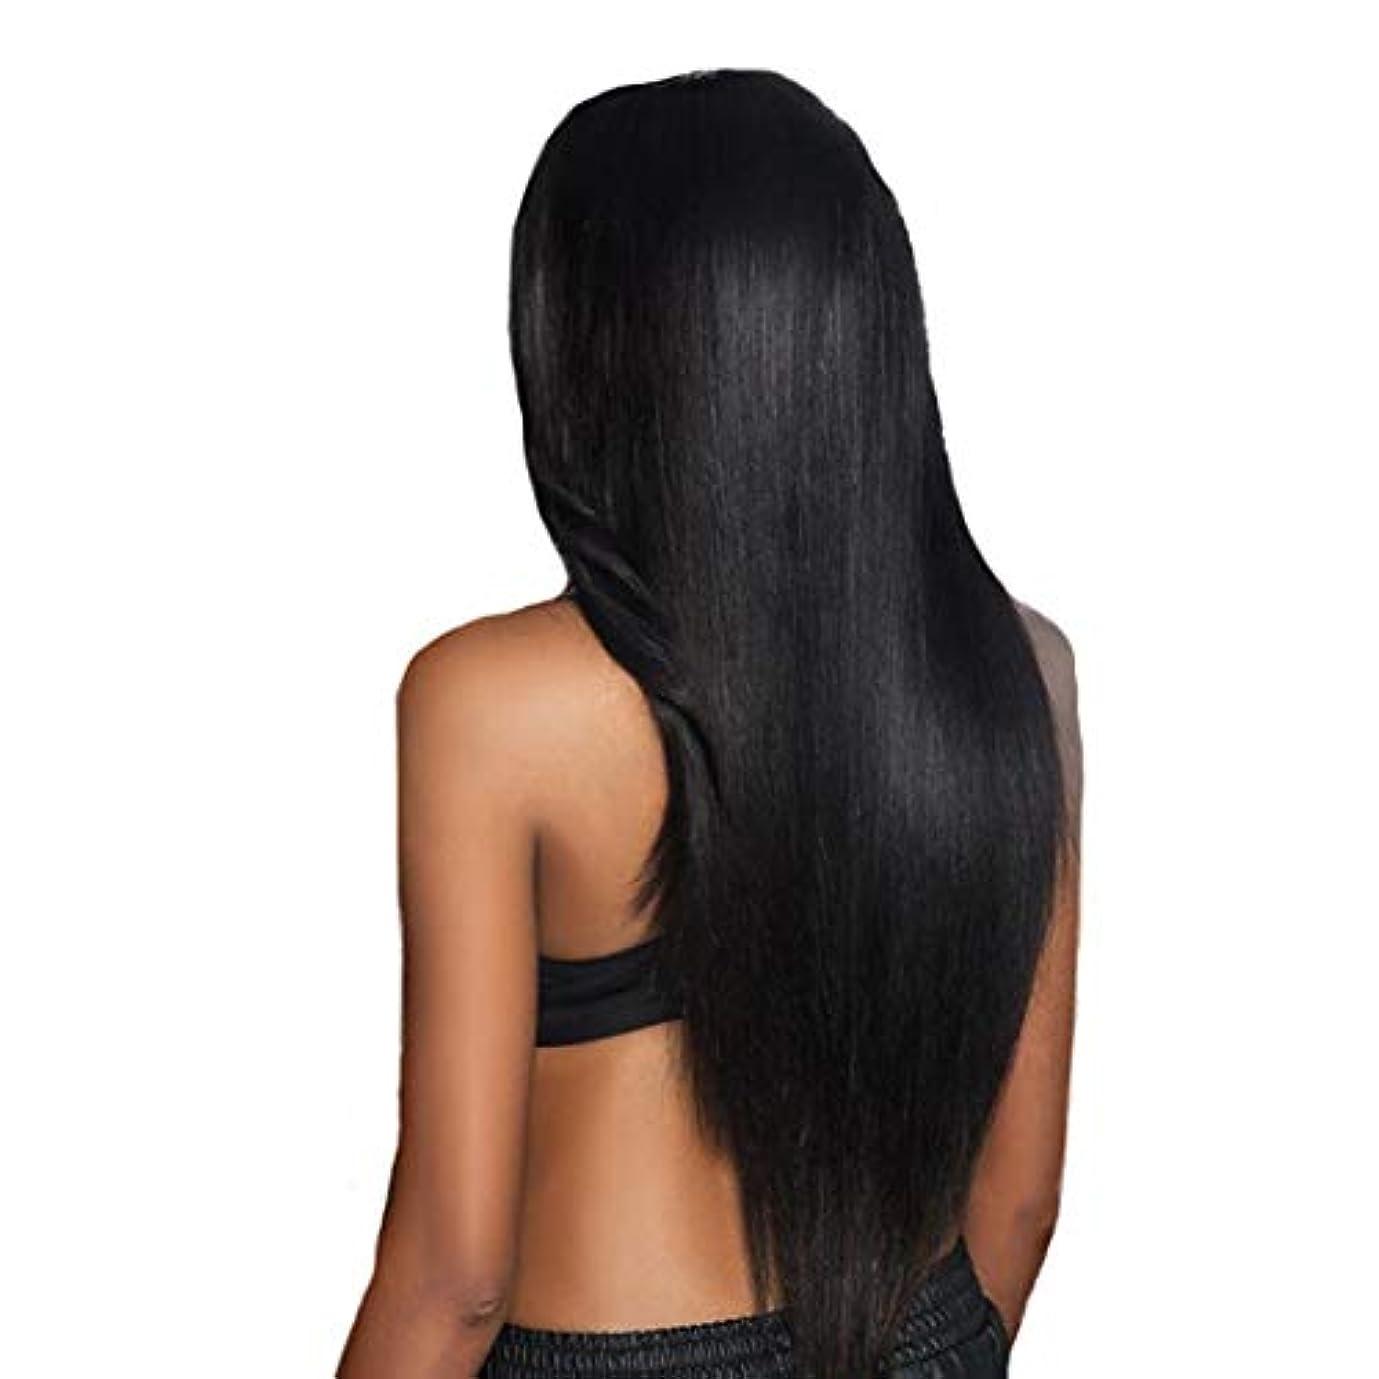 孤独ピストルアセンブリSummerys 女性のための耐熱性耐熱性ロングストレート人工毛フルウィッグ